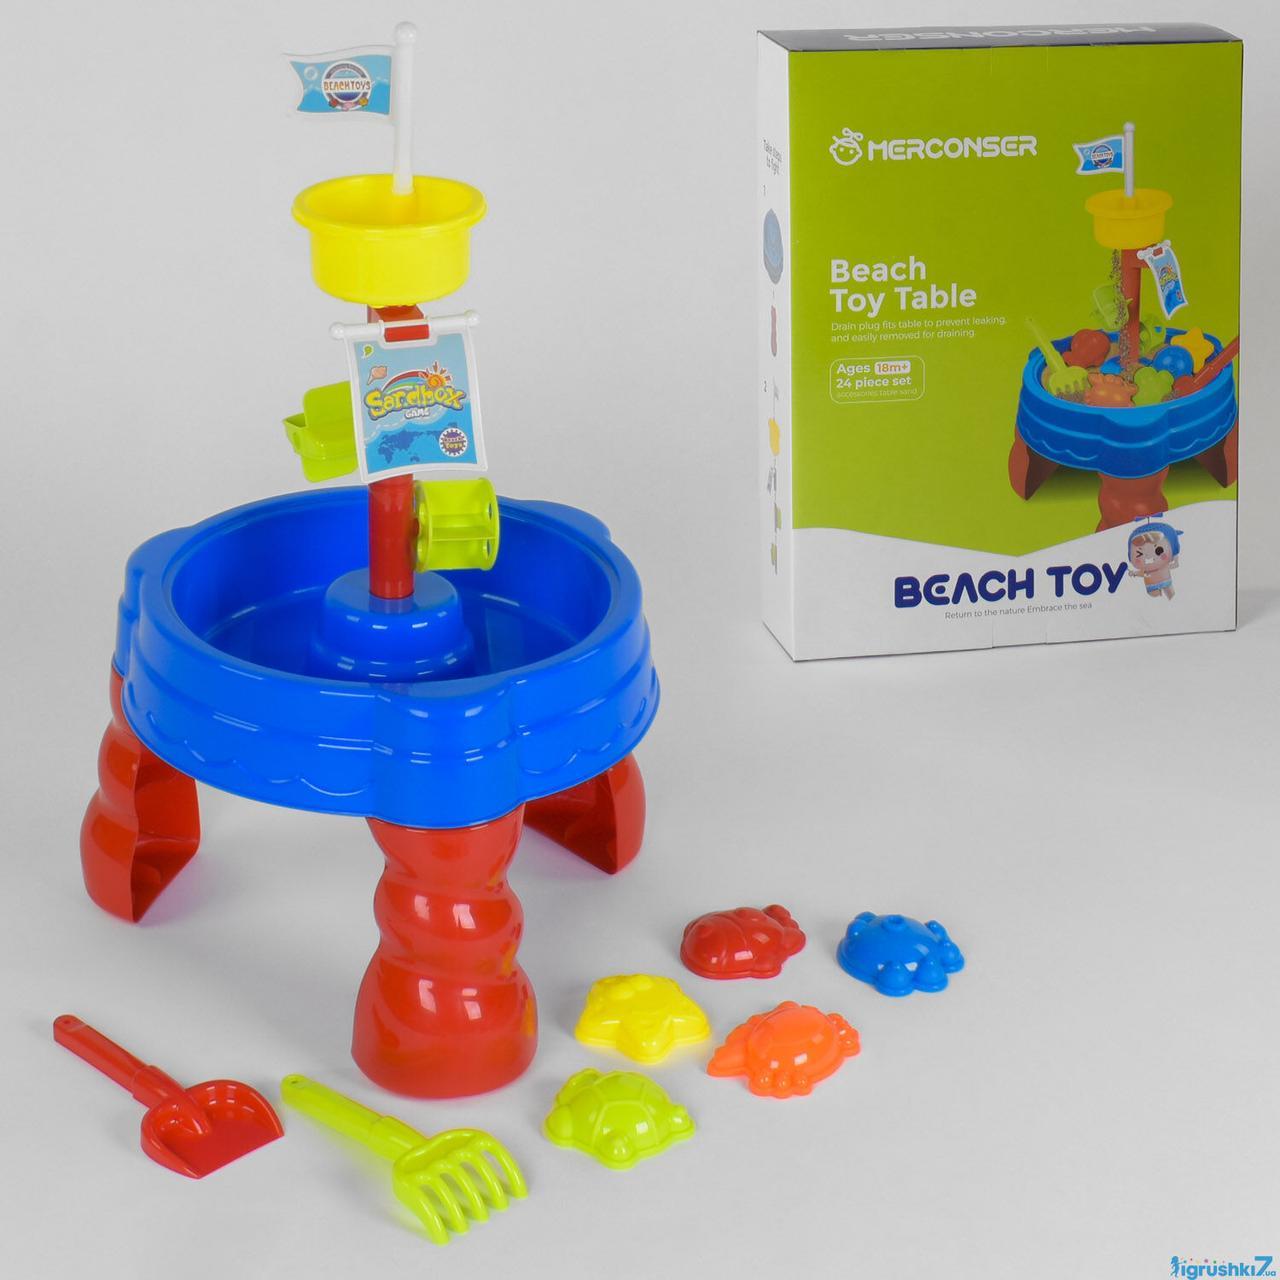 Детский столик для песка и воды Beach Toy 105 с аксессуарами